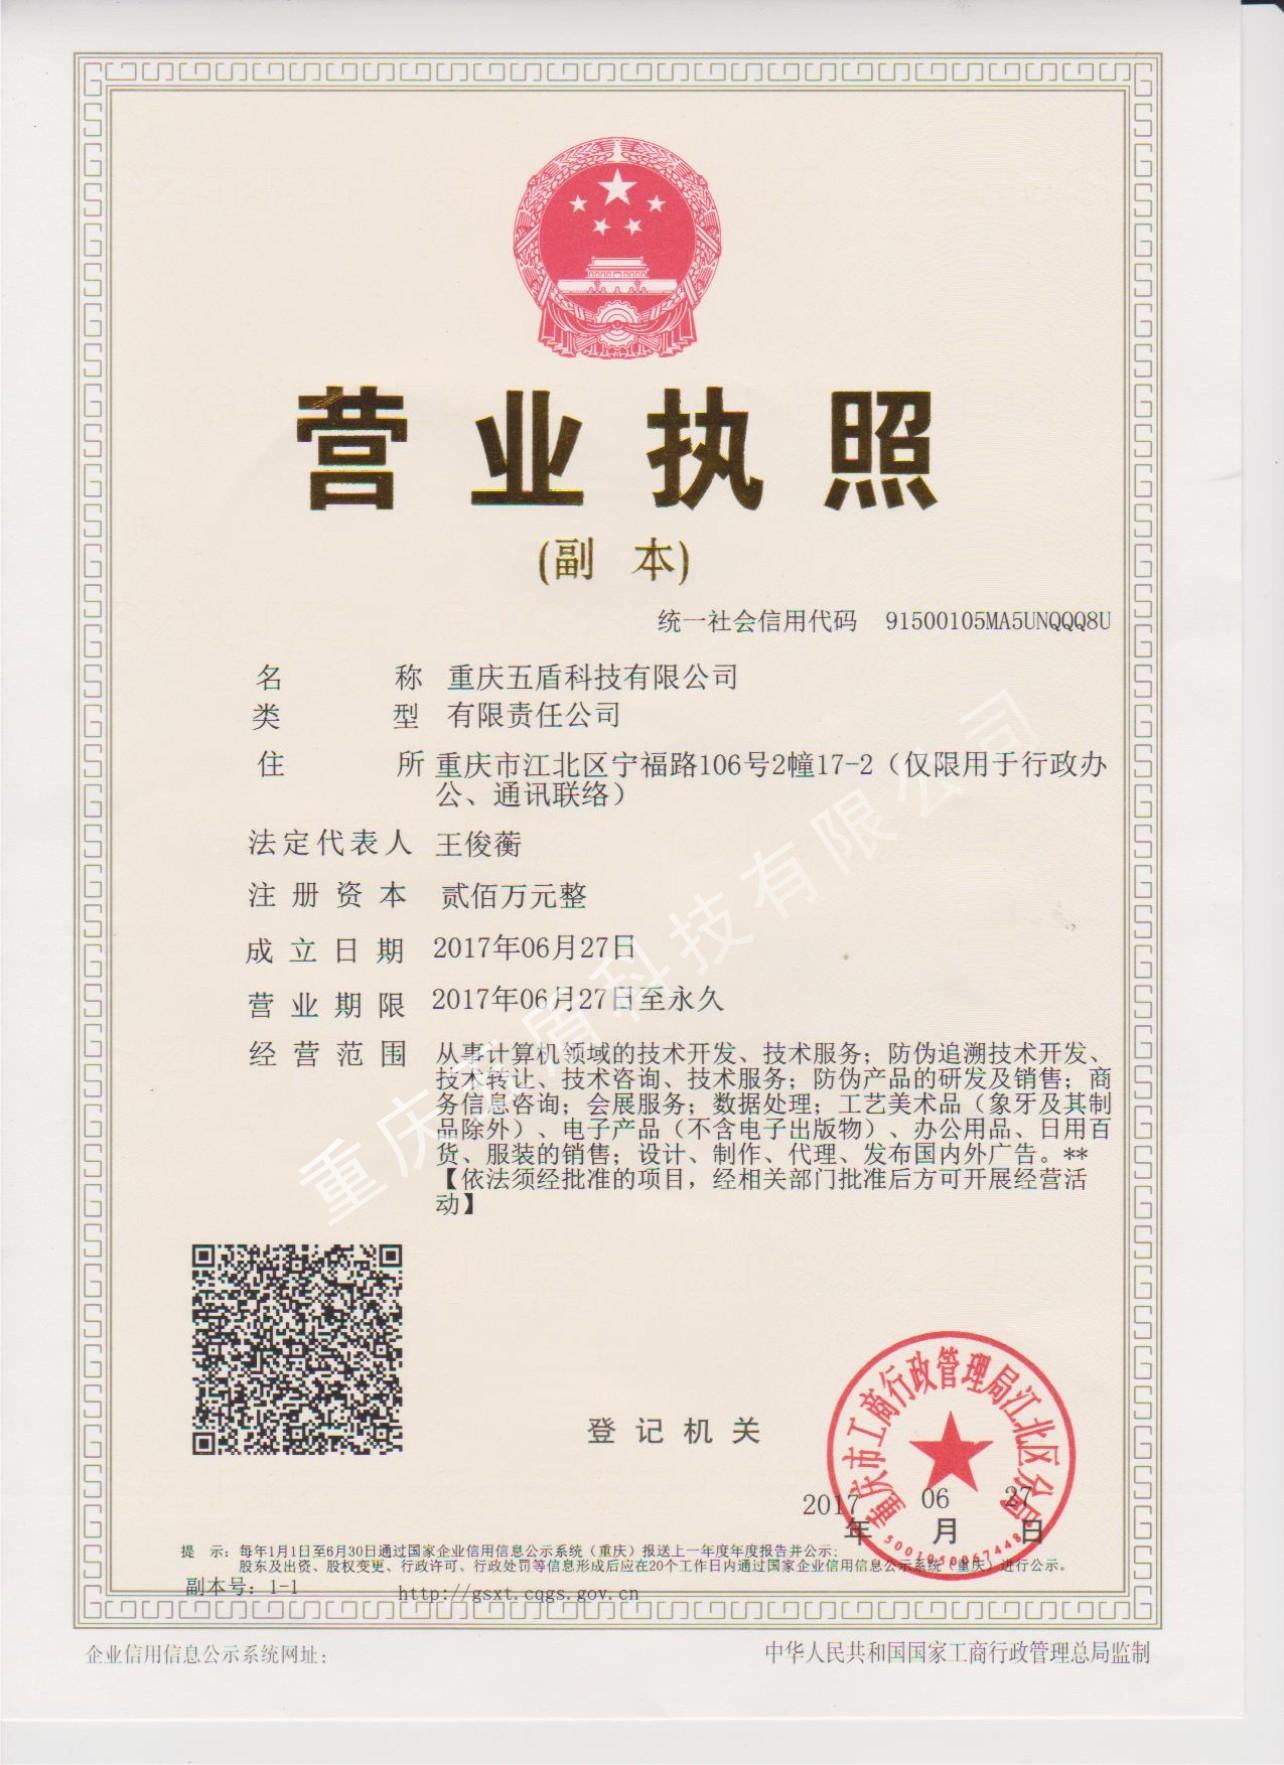 重庆五盾科技有限公司企业档案